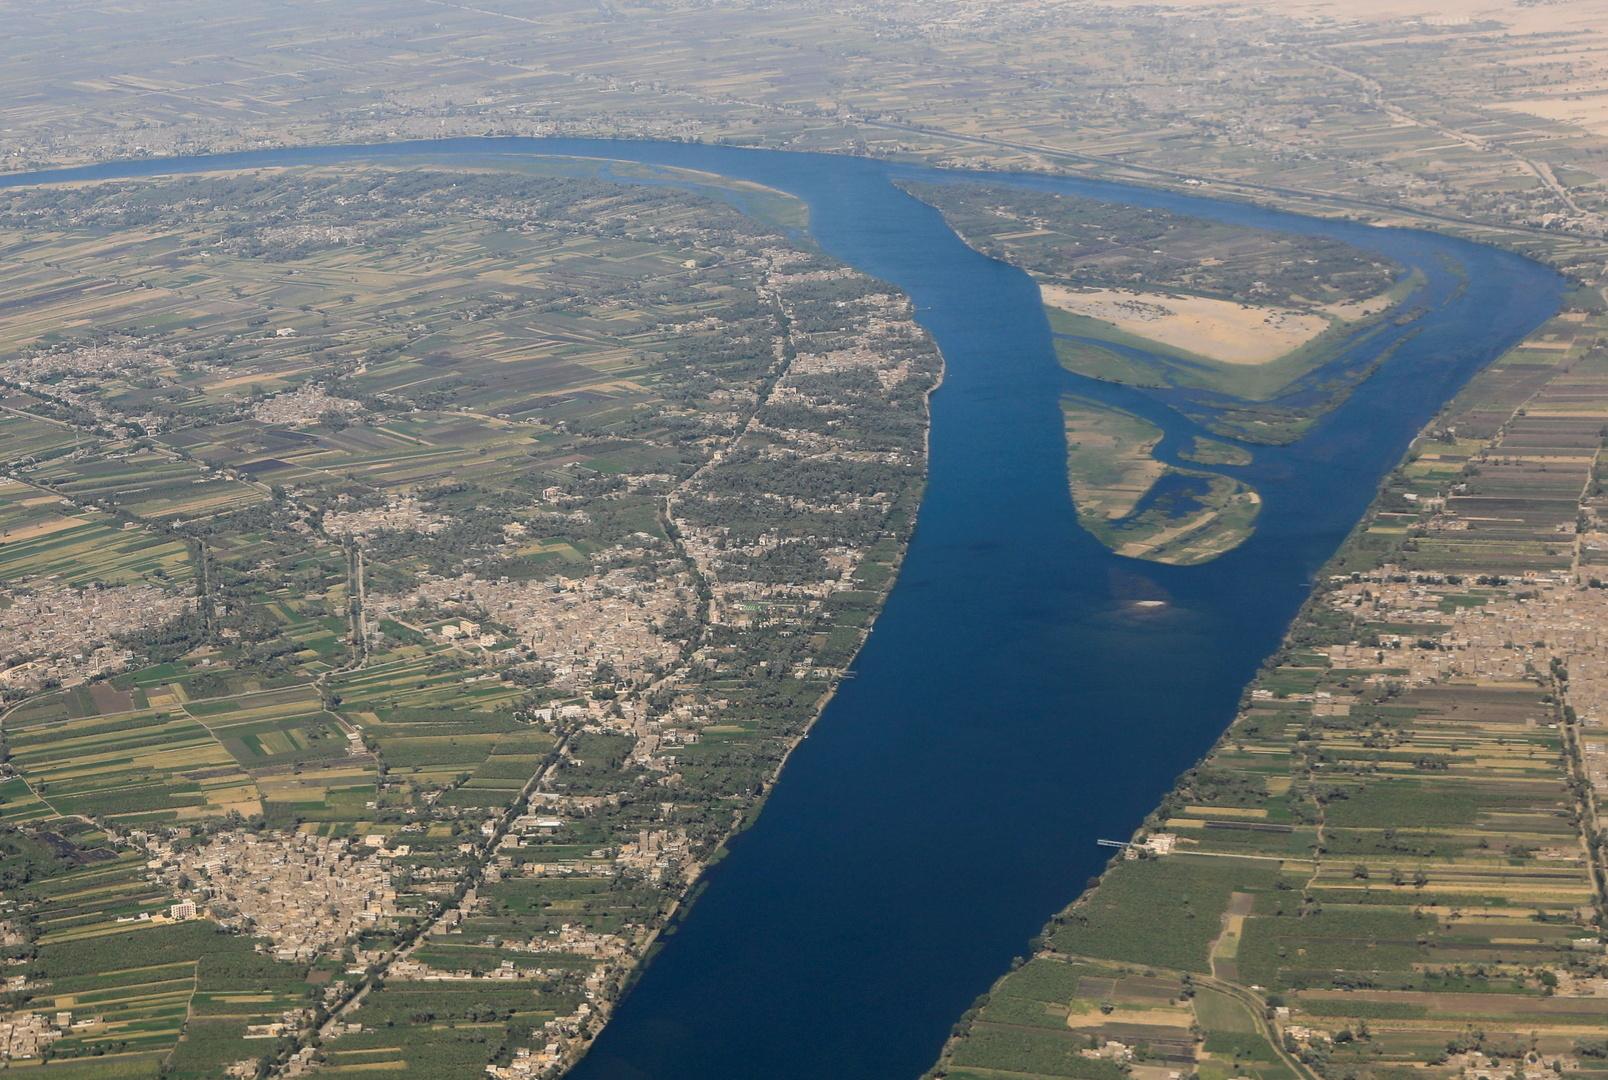 وزارة الري المصرية تجهز البلاد لمختلف السيناريوهات للتعامل مع فيضان النيل